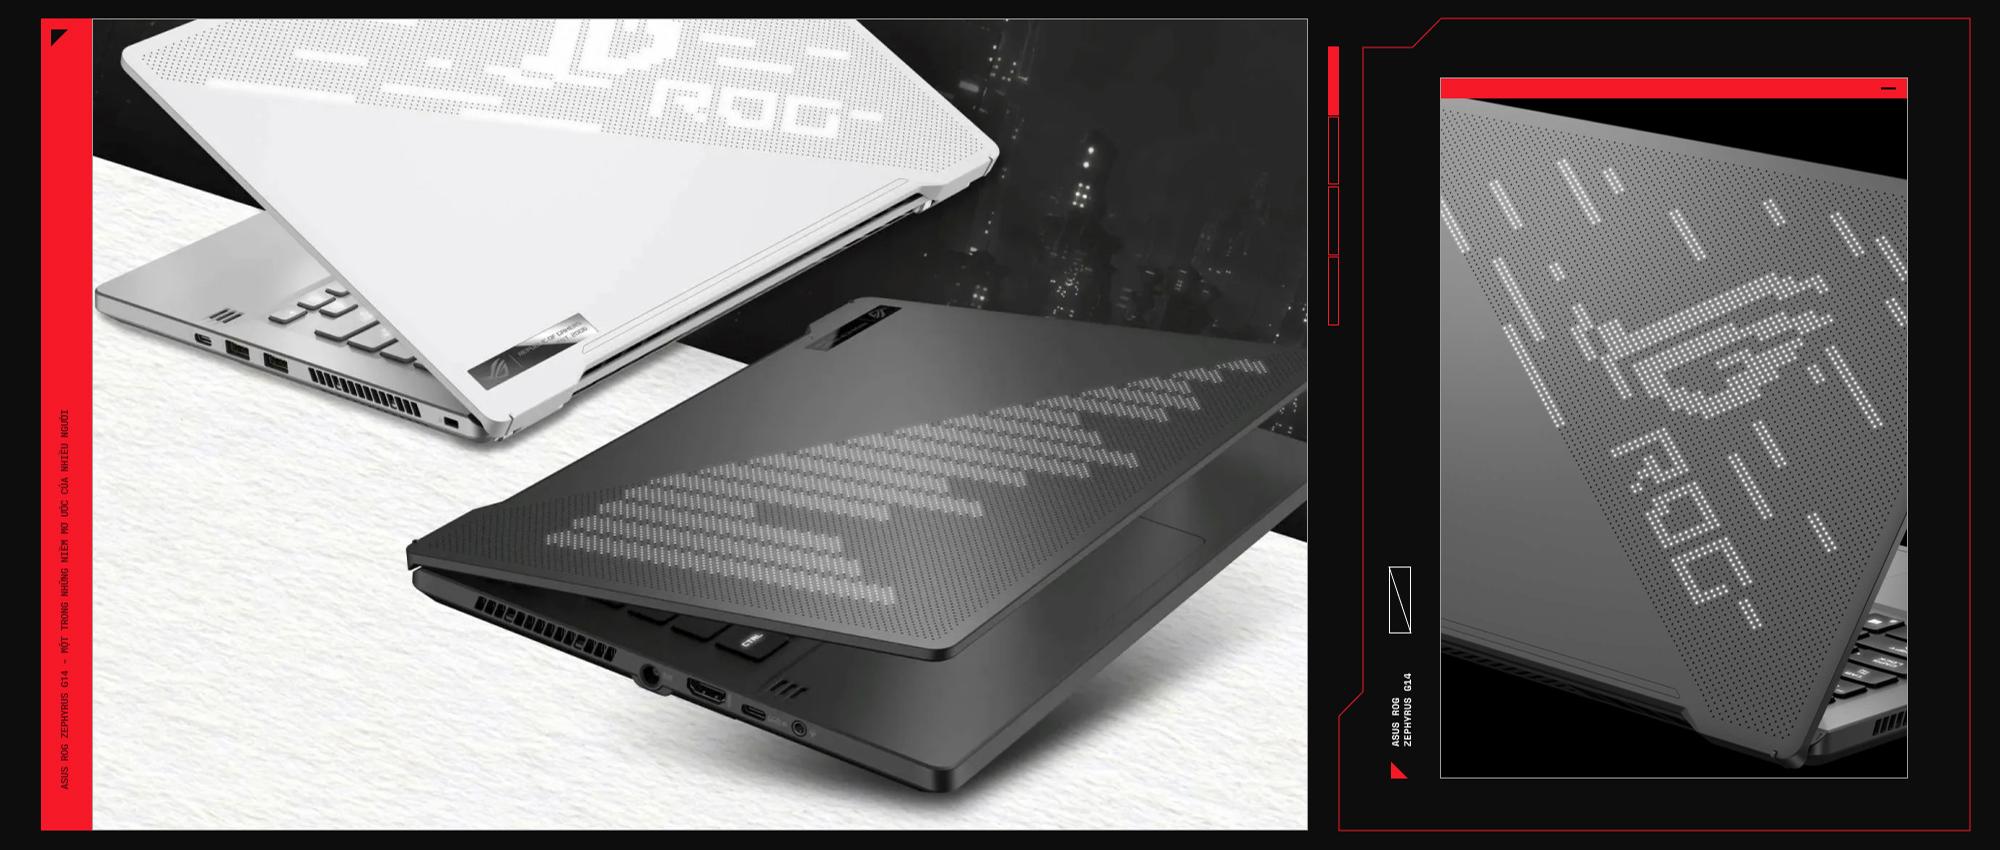 Mạnh mẽ, thời trang - Thống trị làng laptop gaming: Nhất định là ROG - Ảnh 7.